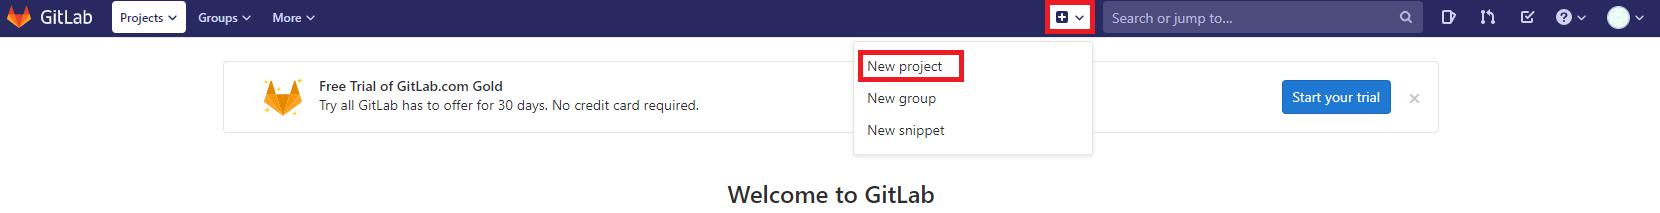 Criando repositório no GitLab